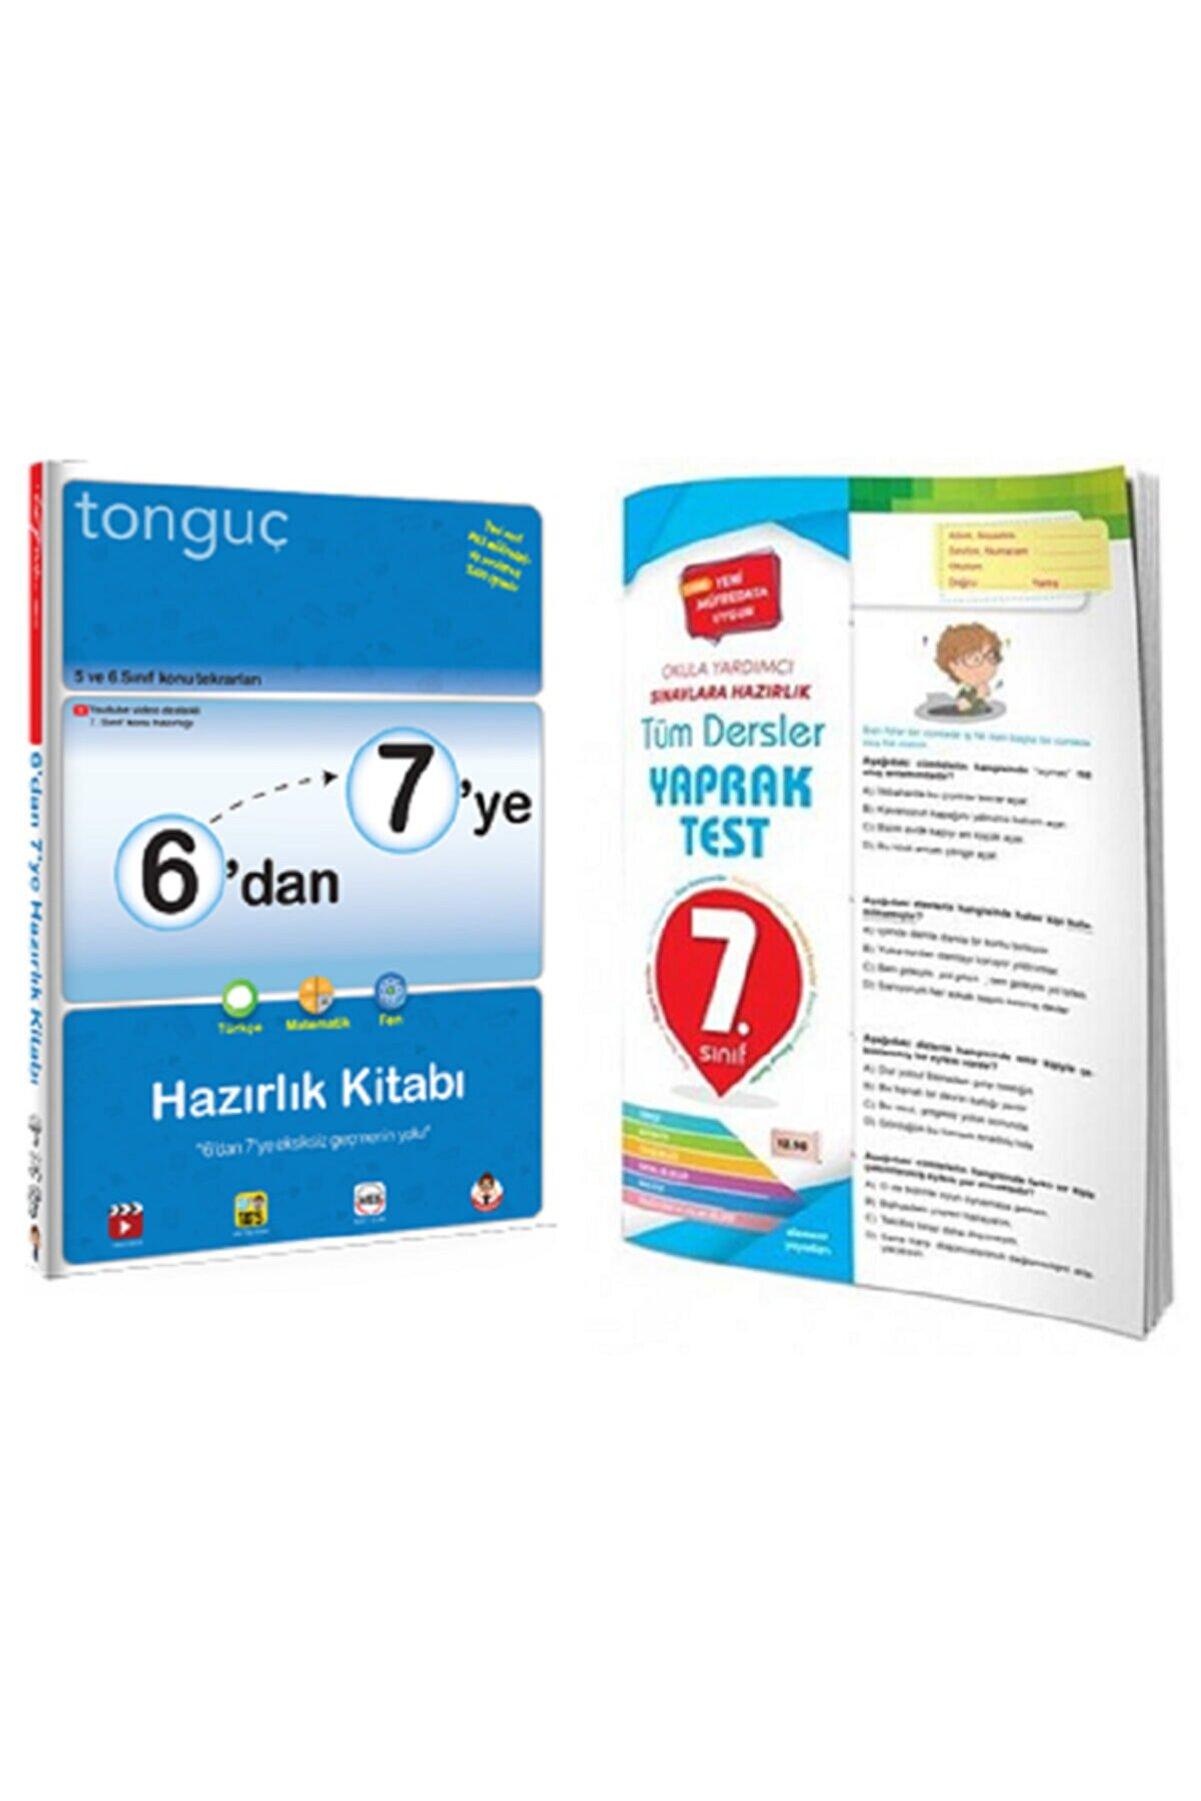 Tonguç Akademi 6'dan 7'ye Hazırlık Kitabı Ve 7. Sınıf Yaprak Test